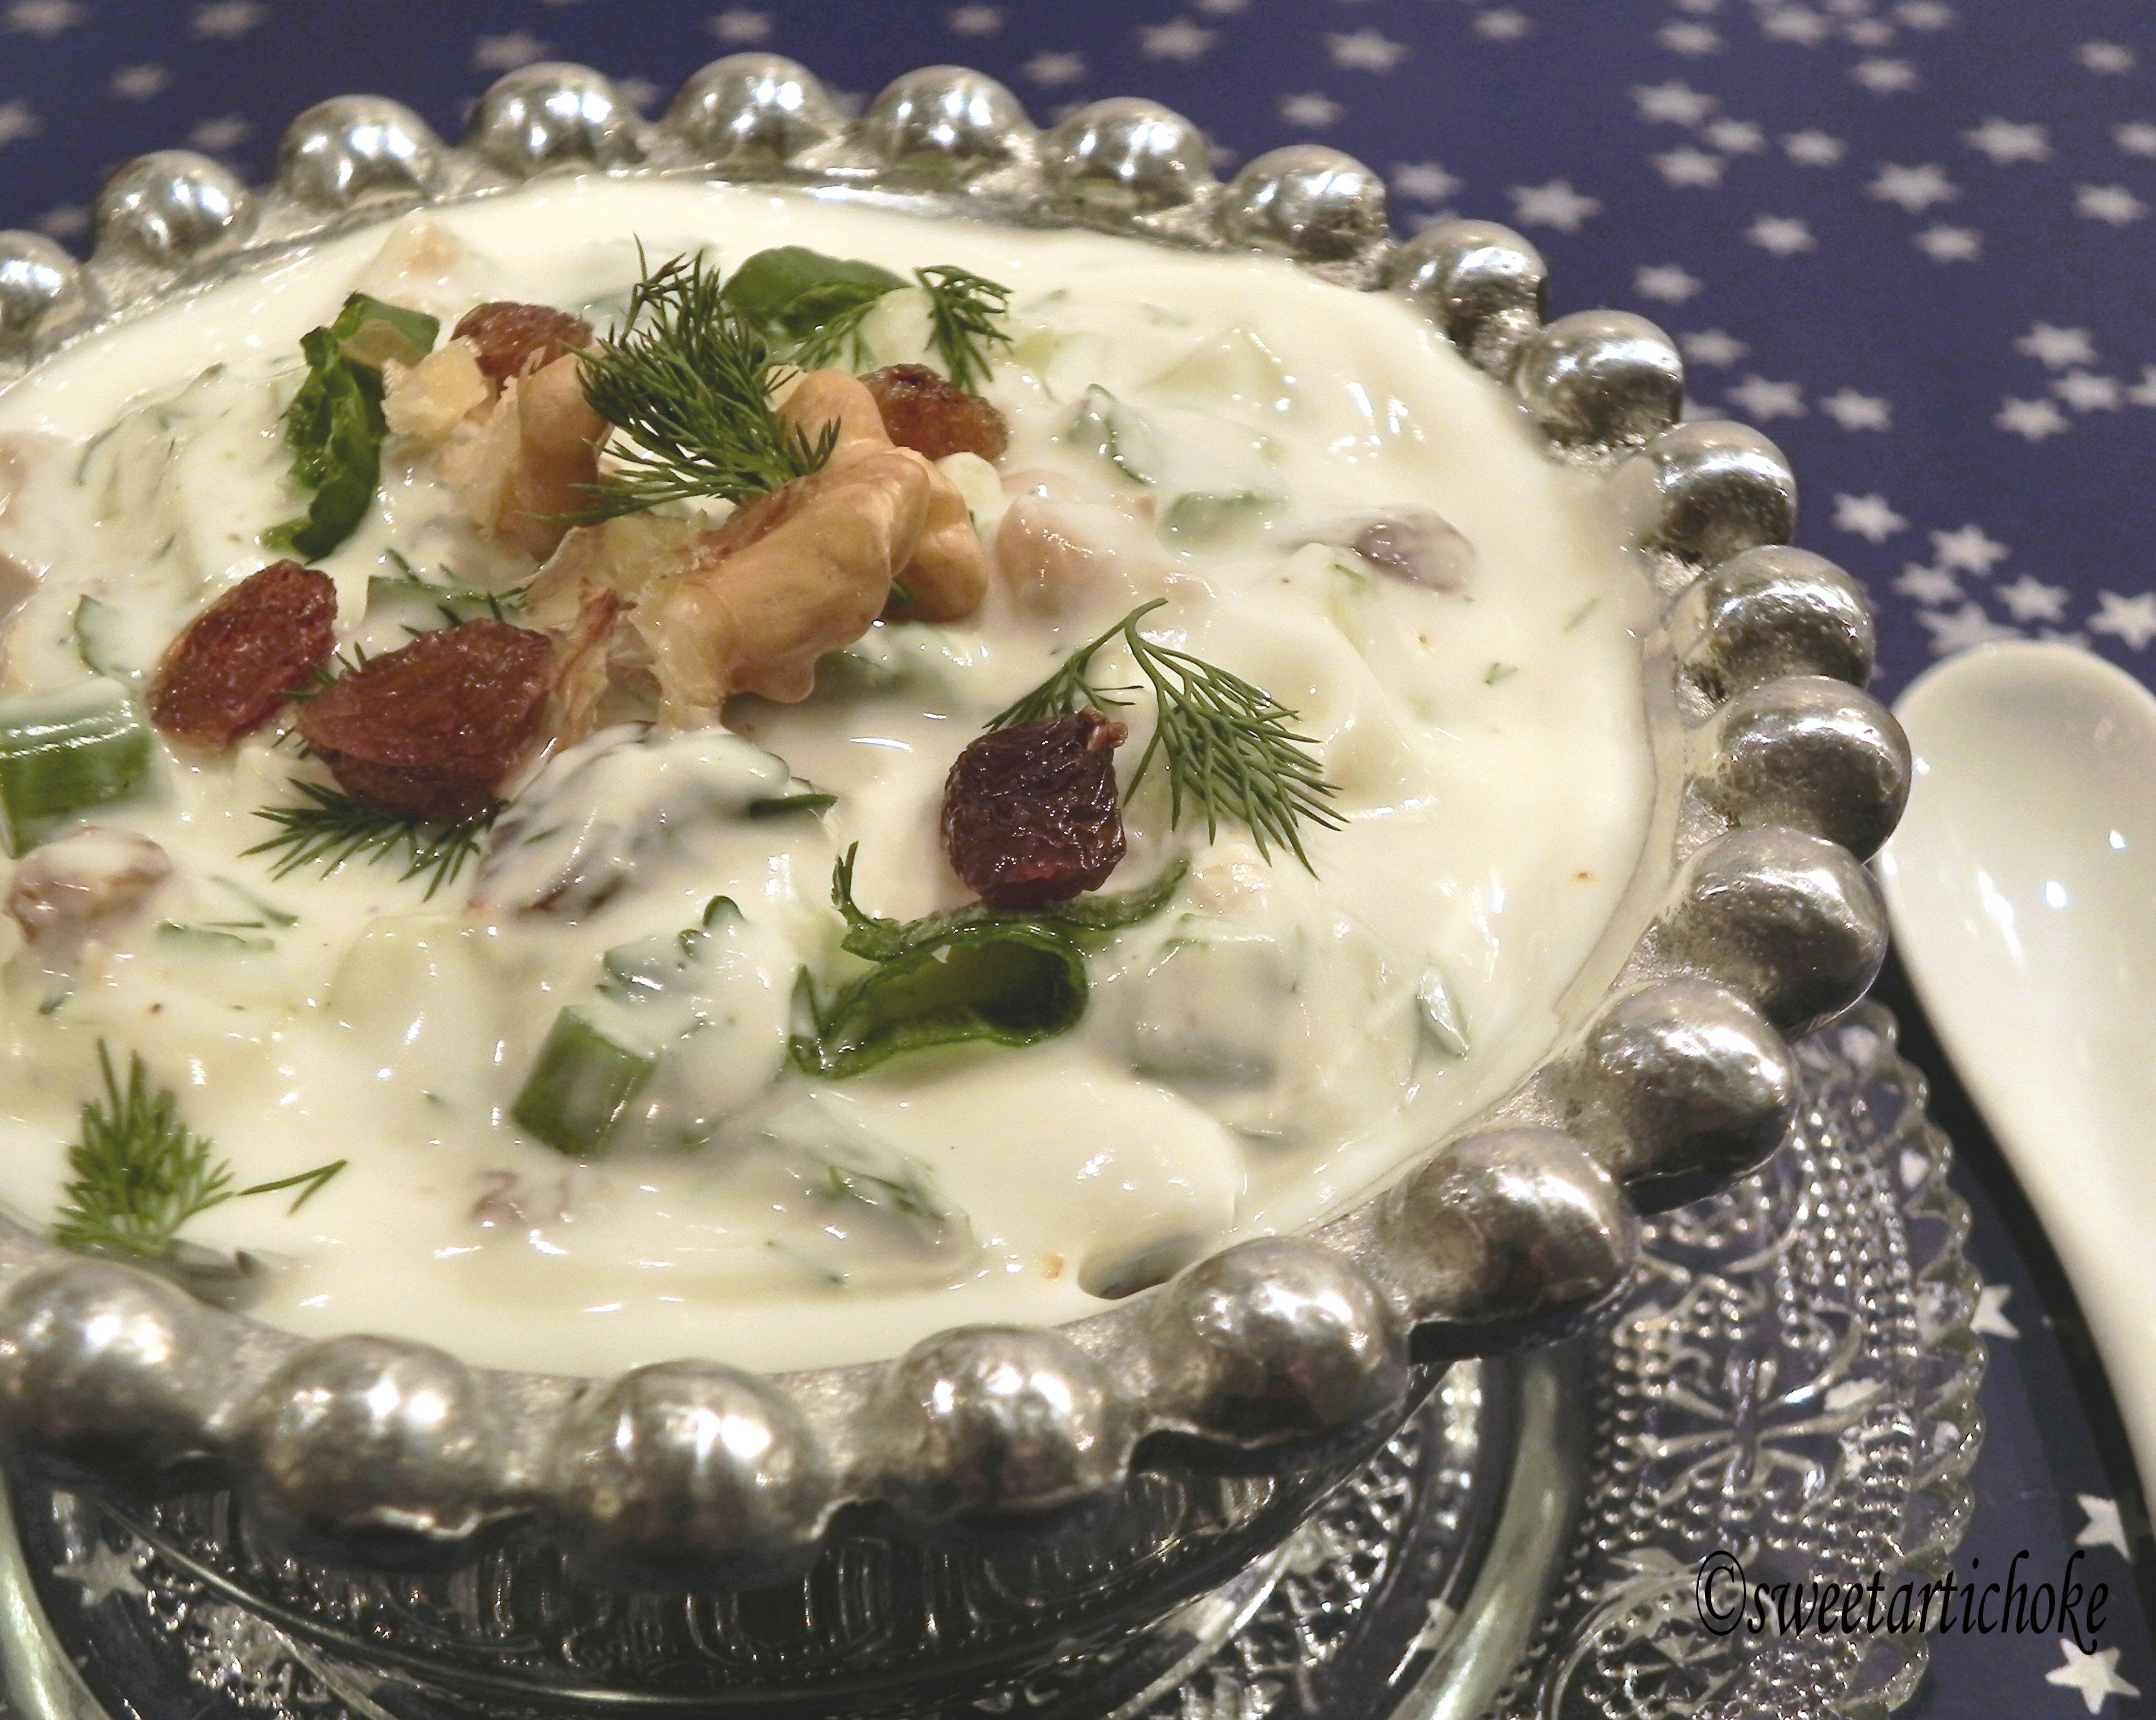 a.w.e.d event announcement – mast va khiar, iranian cucumber salad